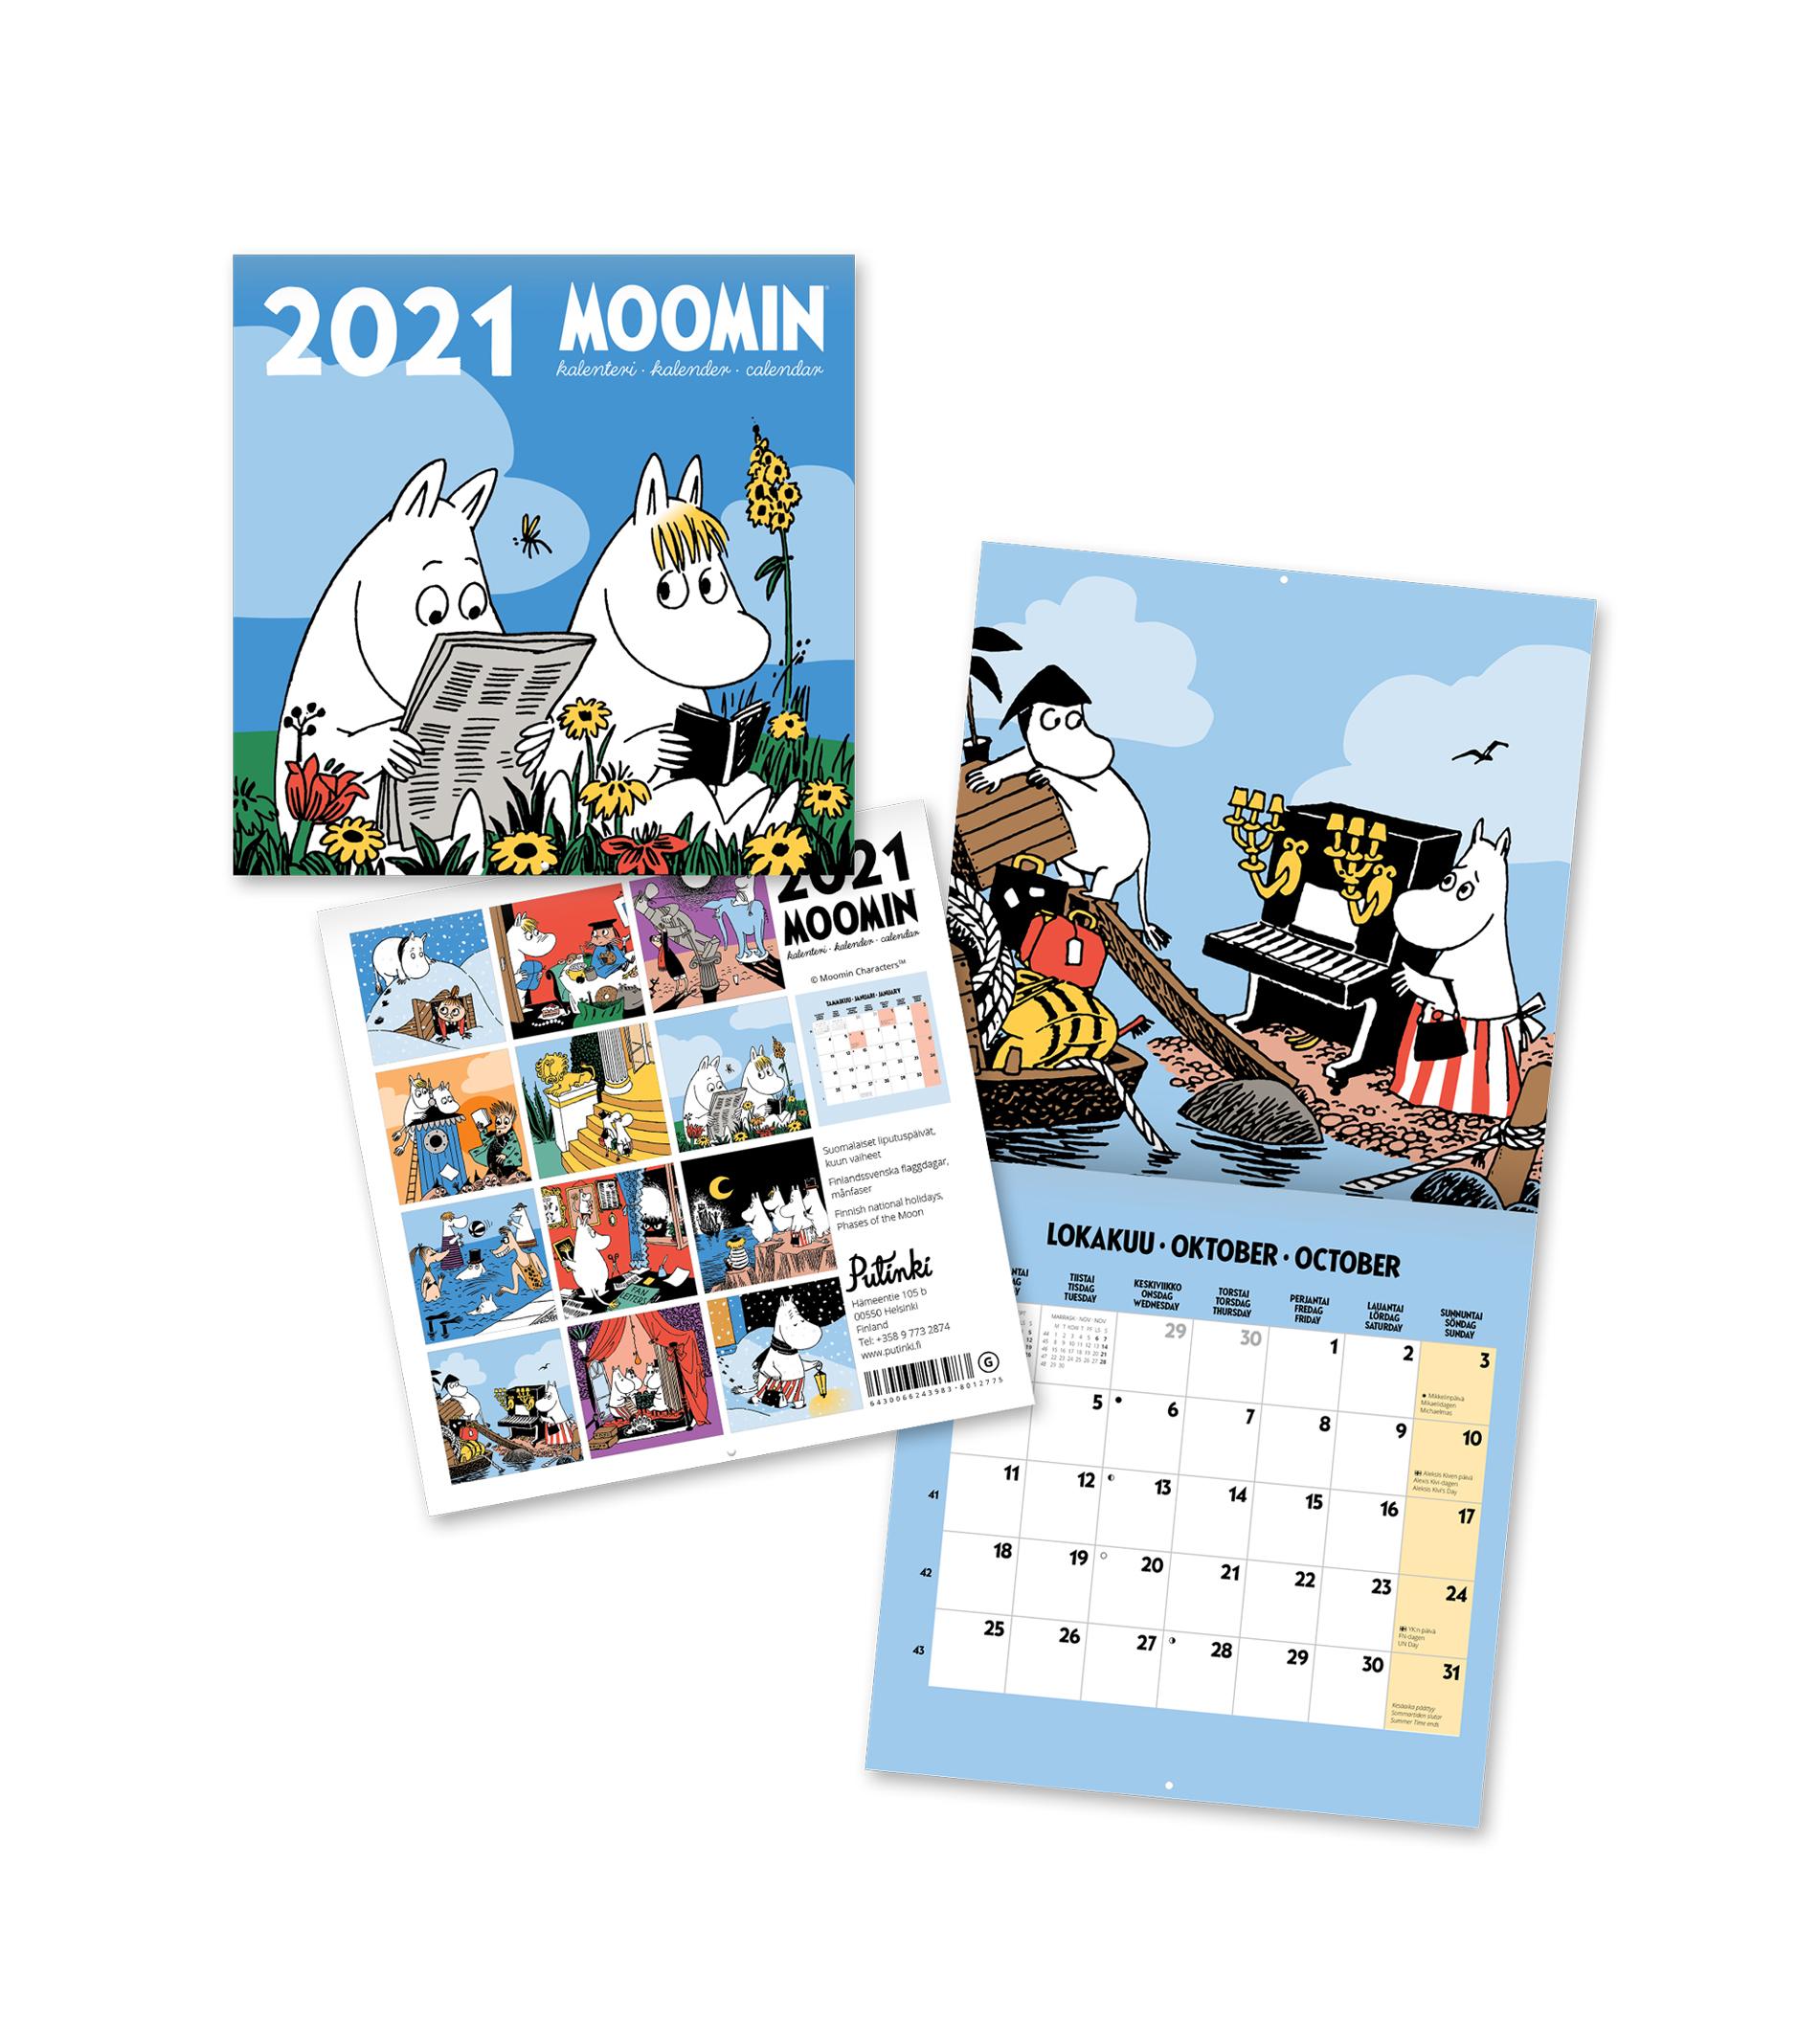 MOOMIN wall calendar 2021